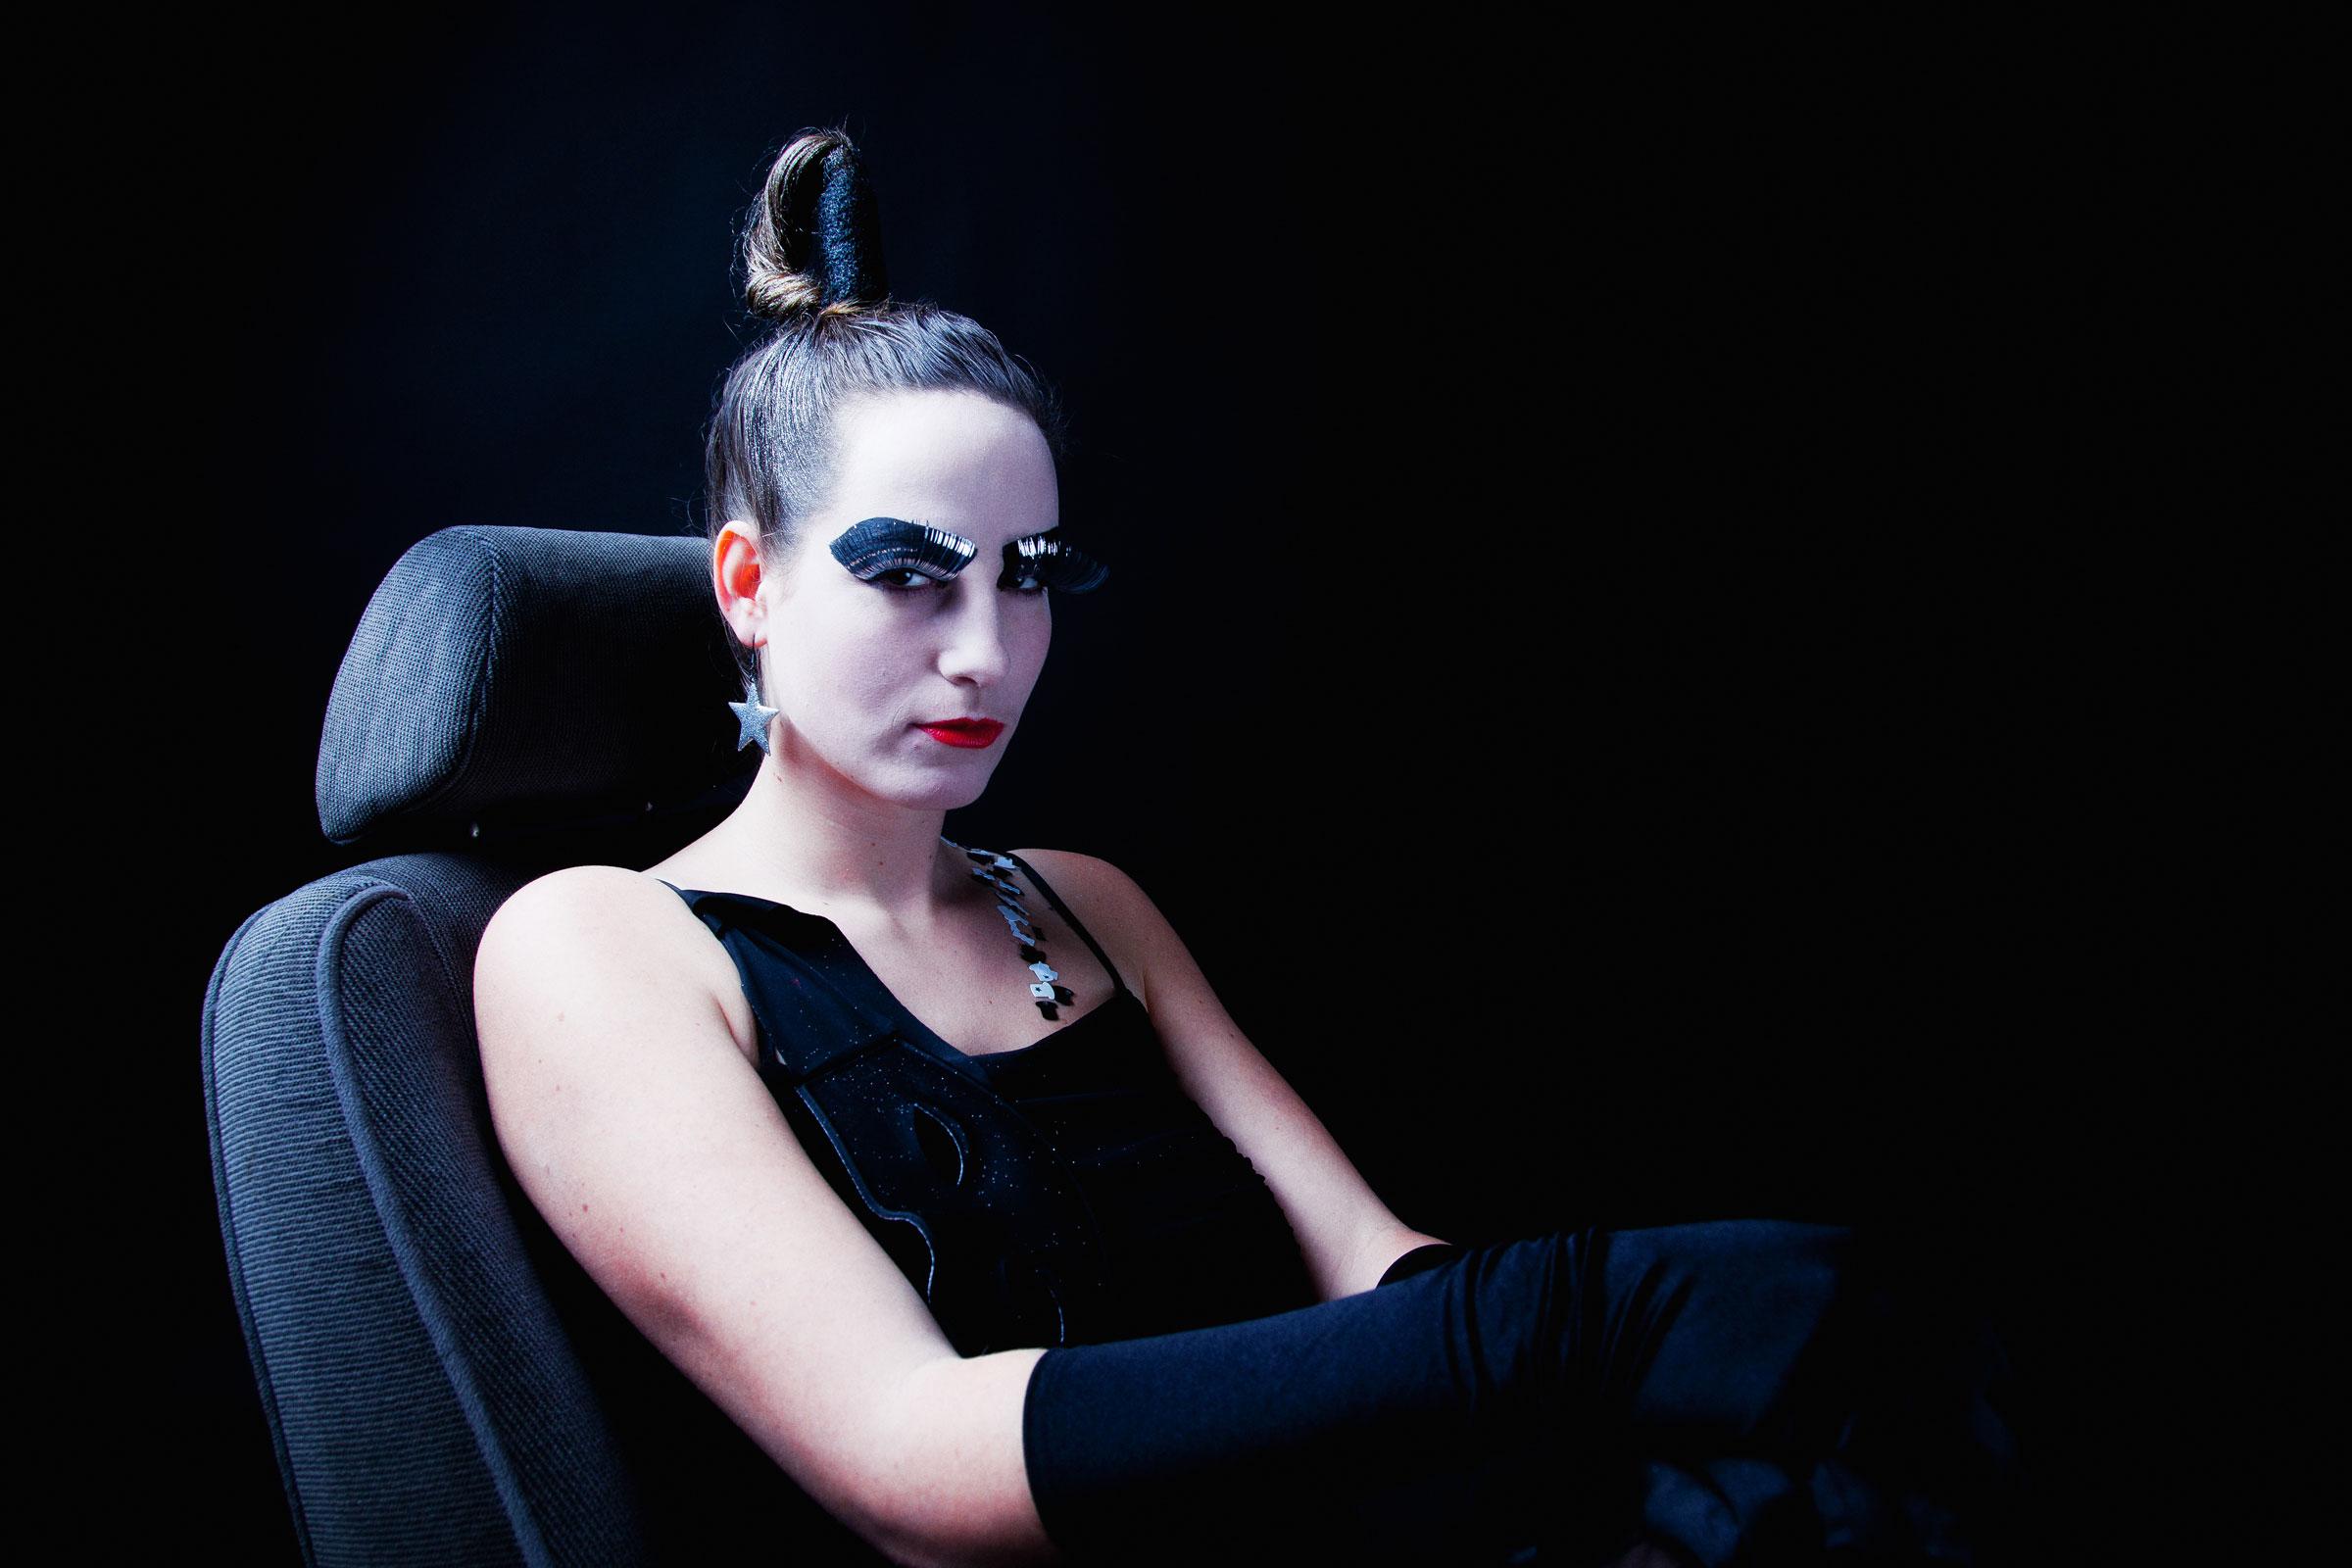 Portret dark glamour 4 door Juri Hiensch